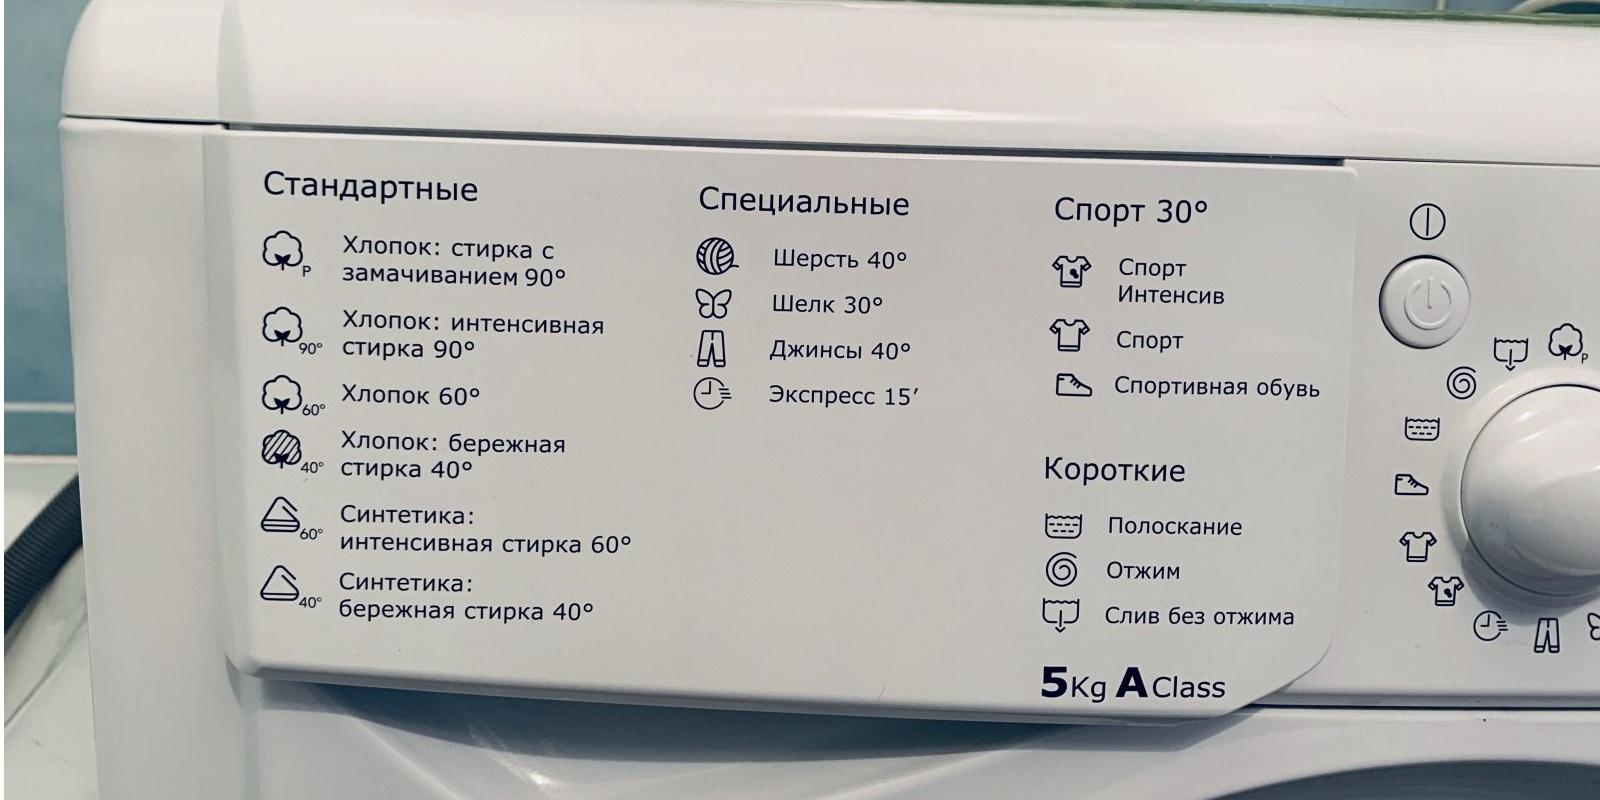 режимы машинки Стэлльбар